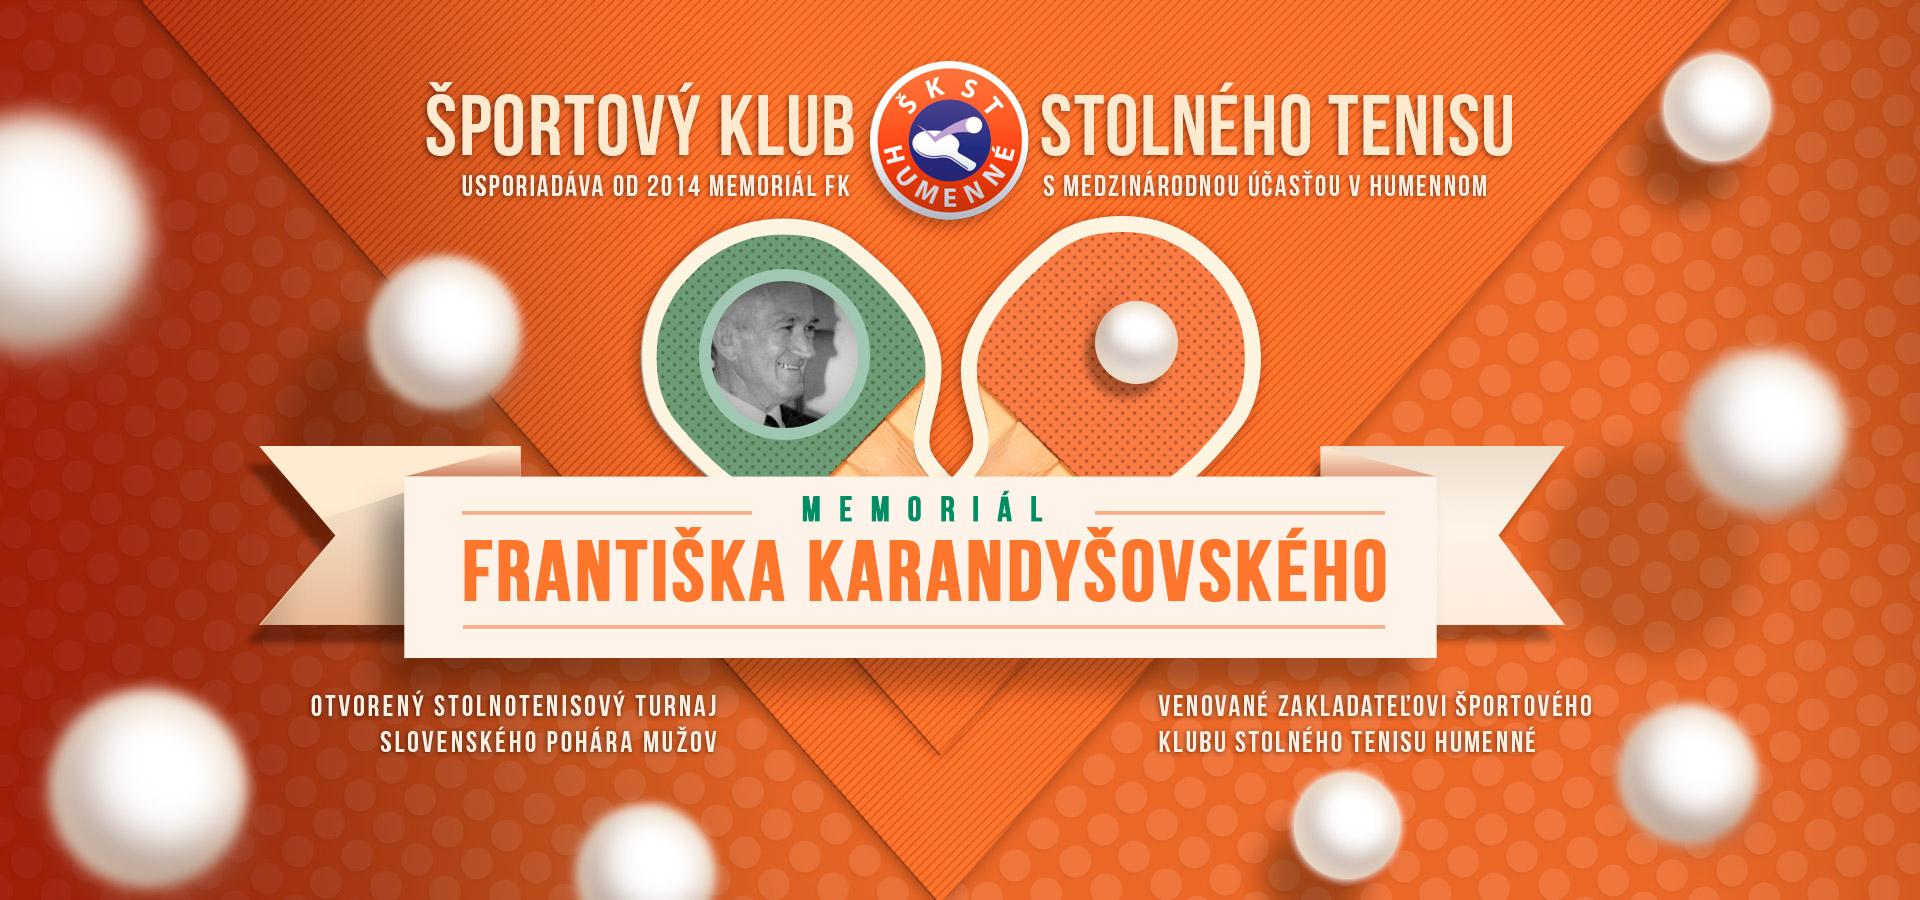 Memoriál Františka Karandišovského